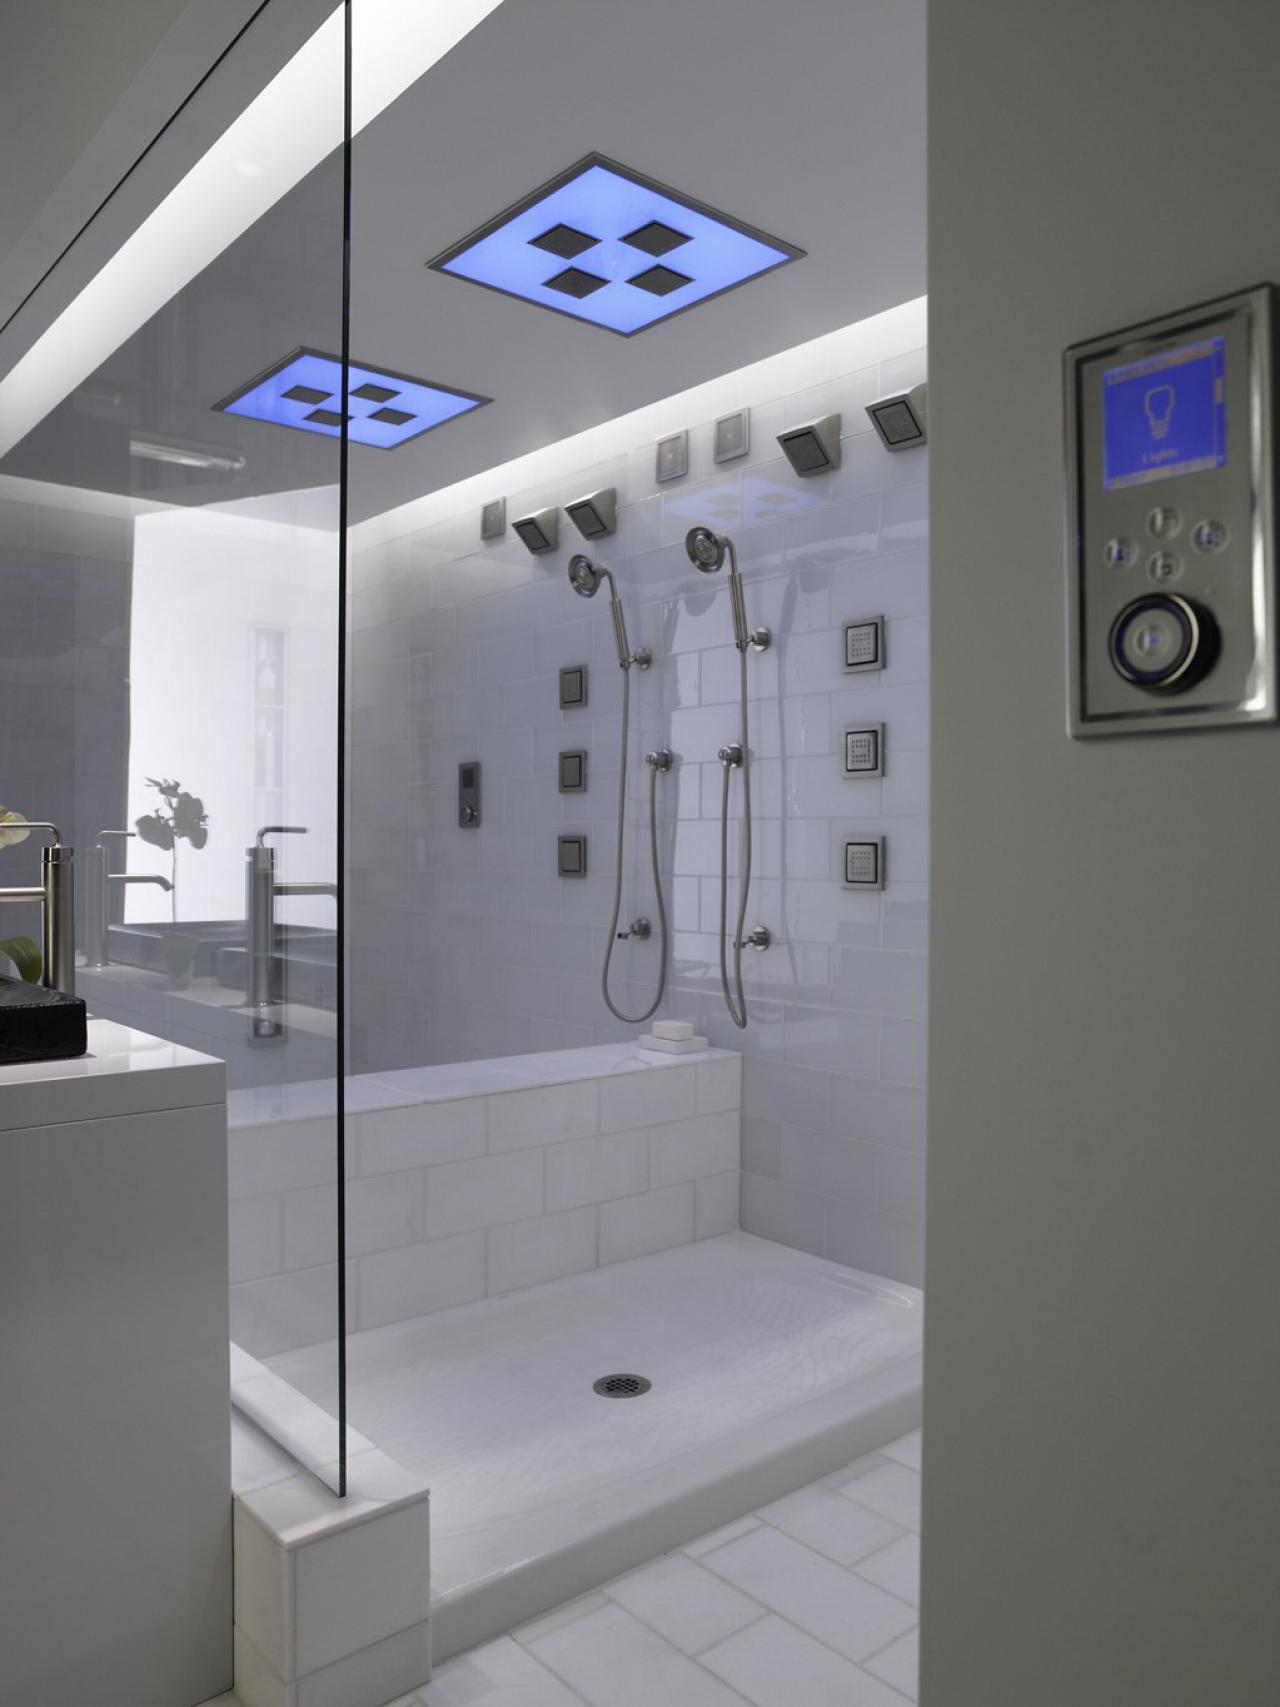 Kohler-universal-design-shower_s3x4.jpg.rend.hgtvcom.1280.1707